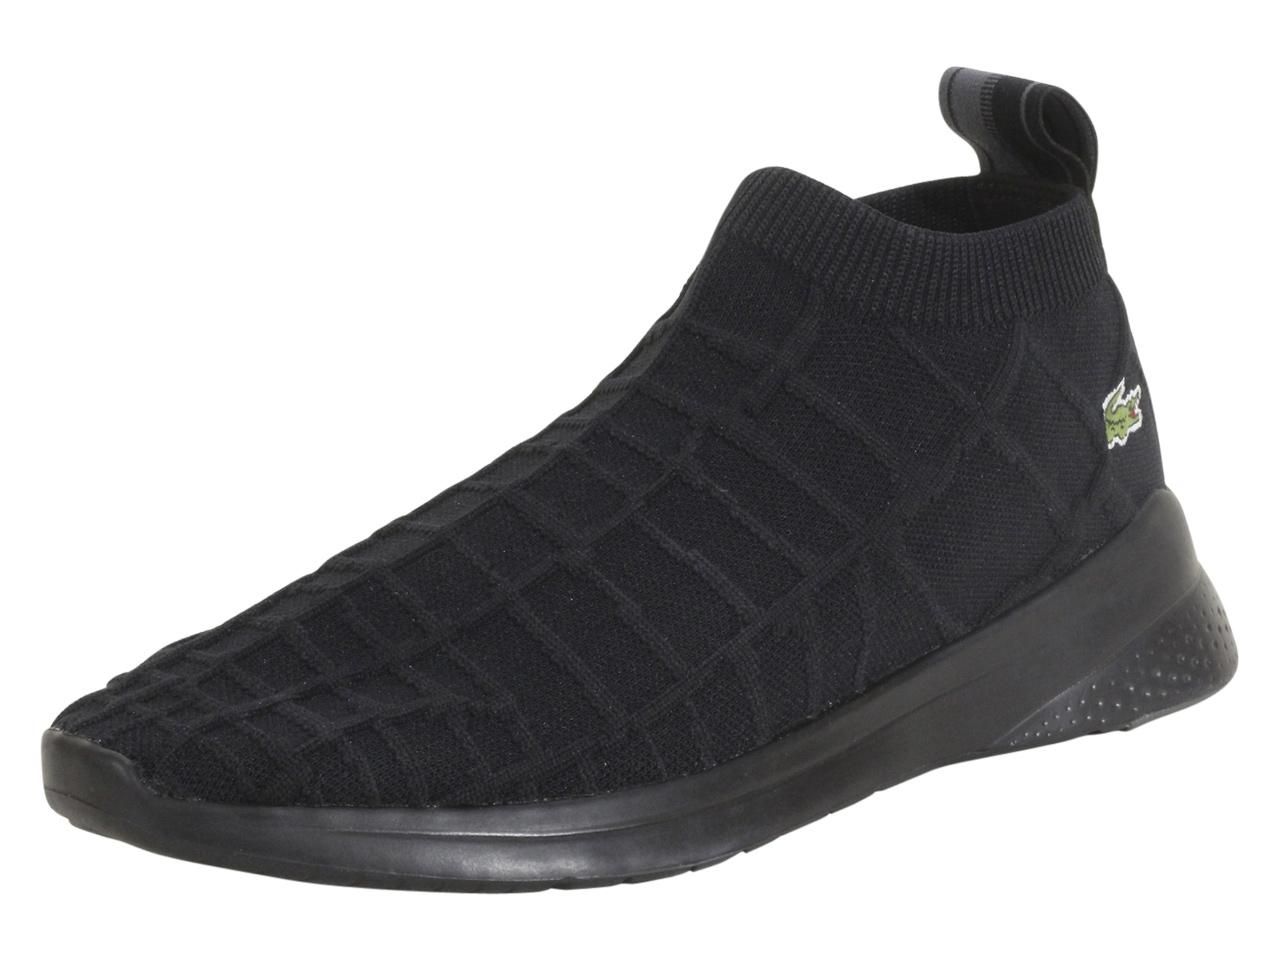 Lacoste LT-Fit-Sock-319 Sneakers Men's